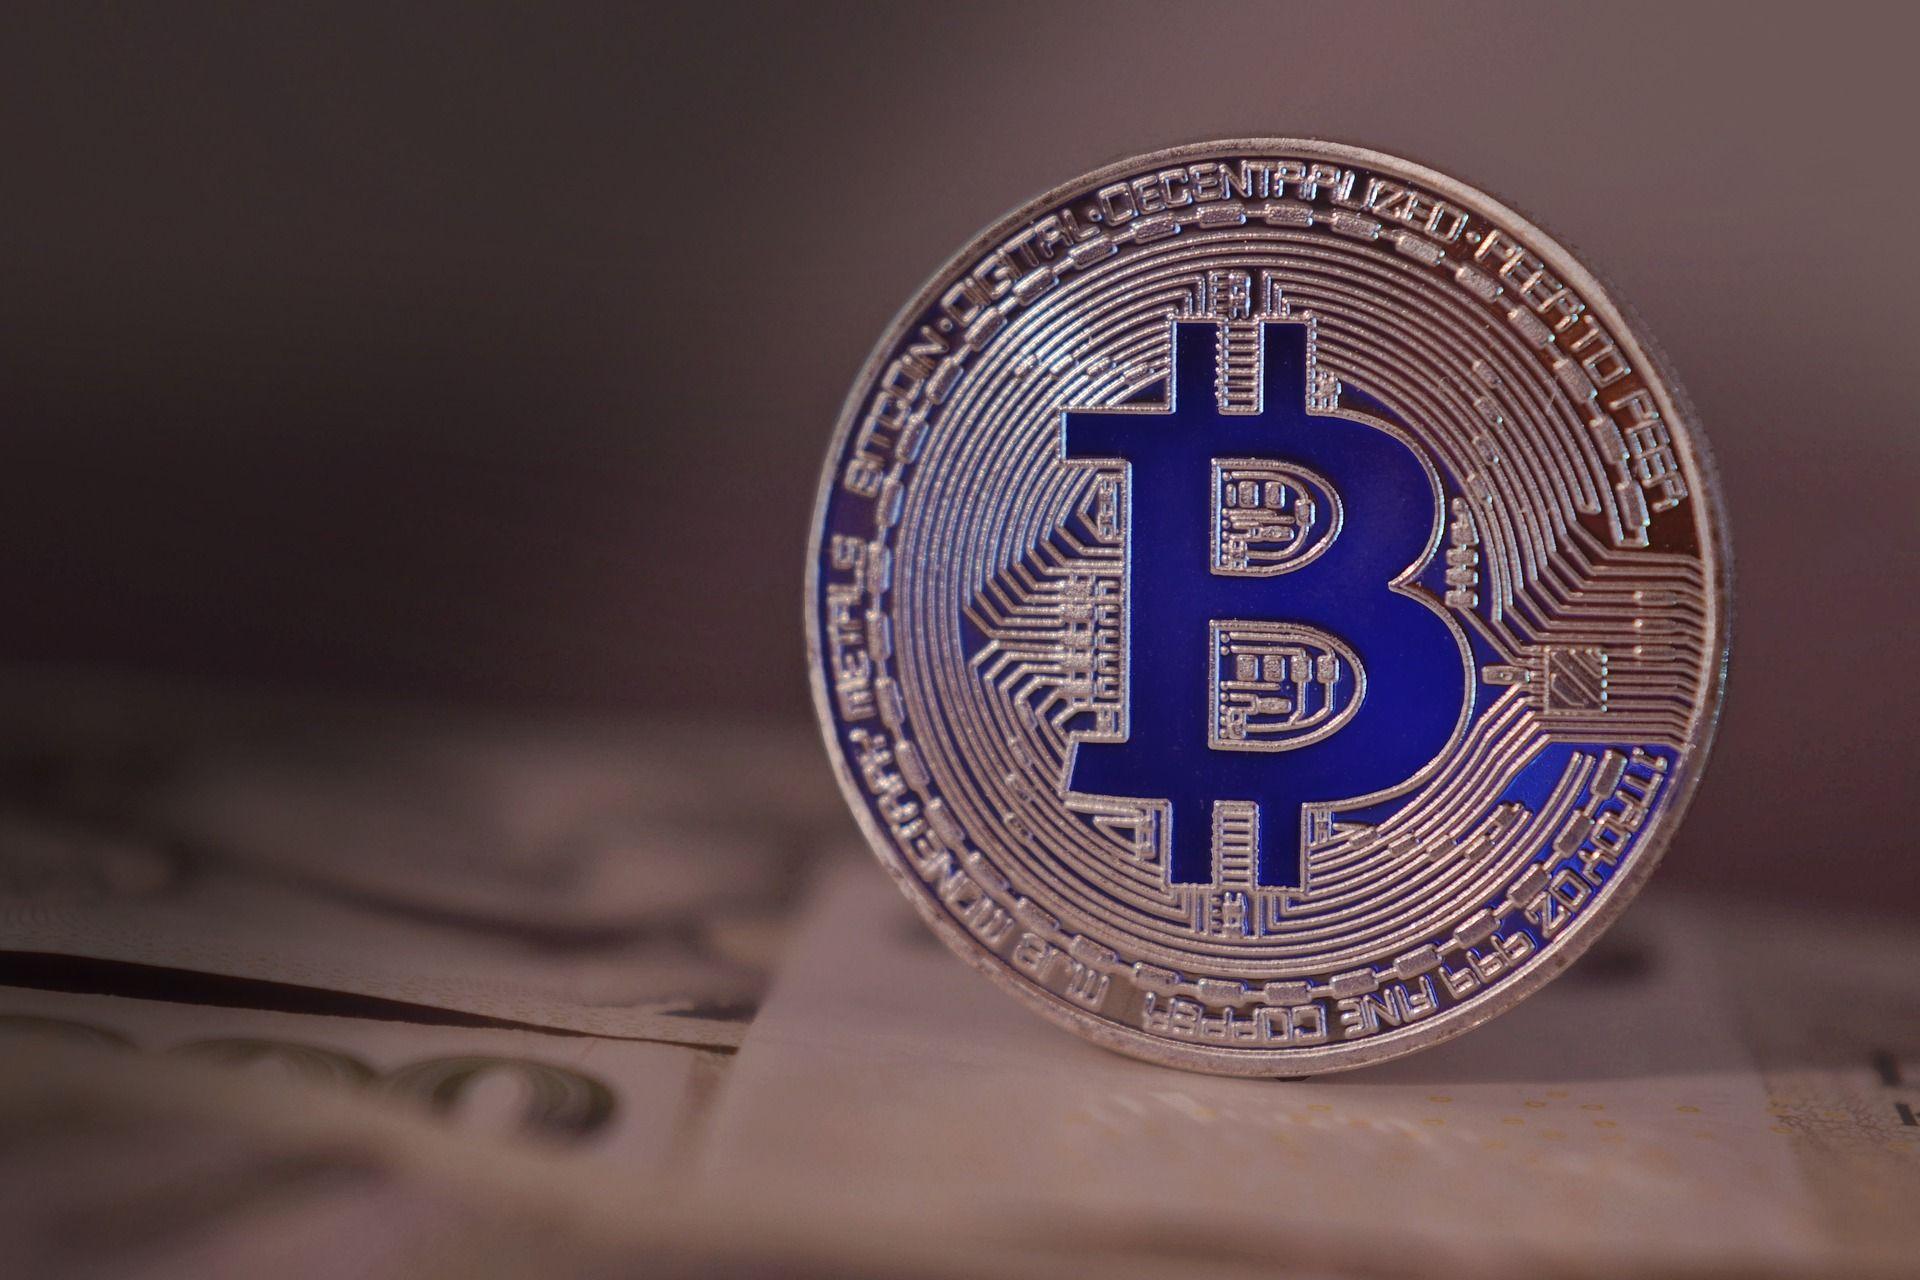 Hat massig Millionäre gemacht - der Bitcoin